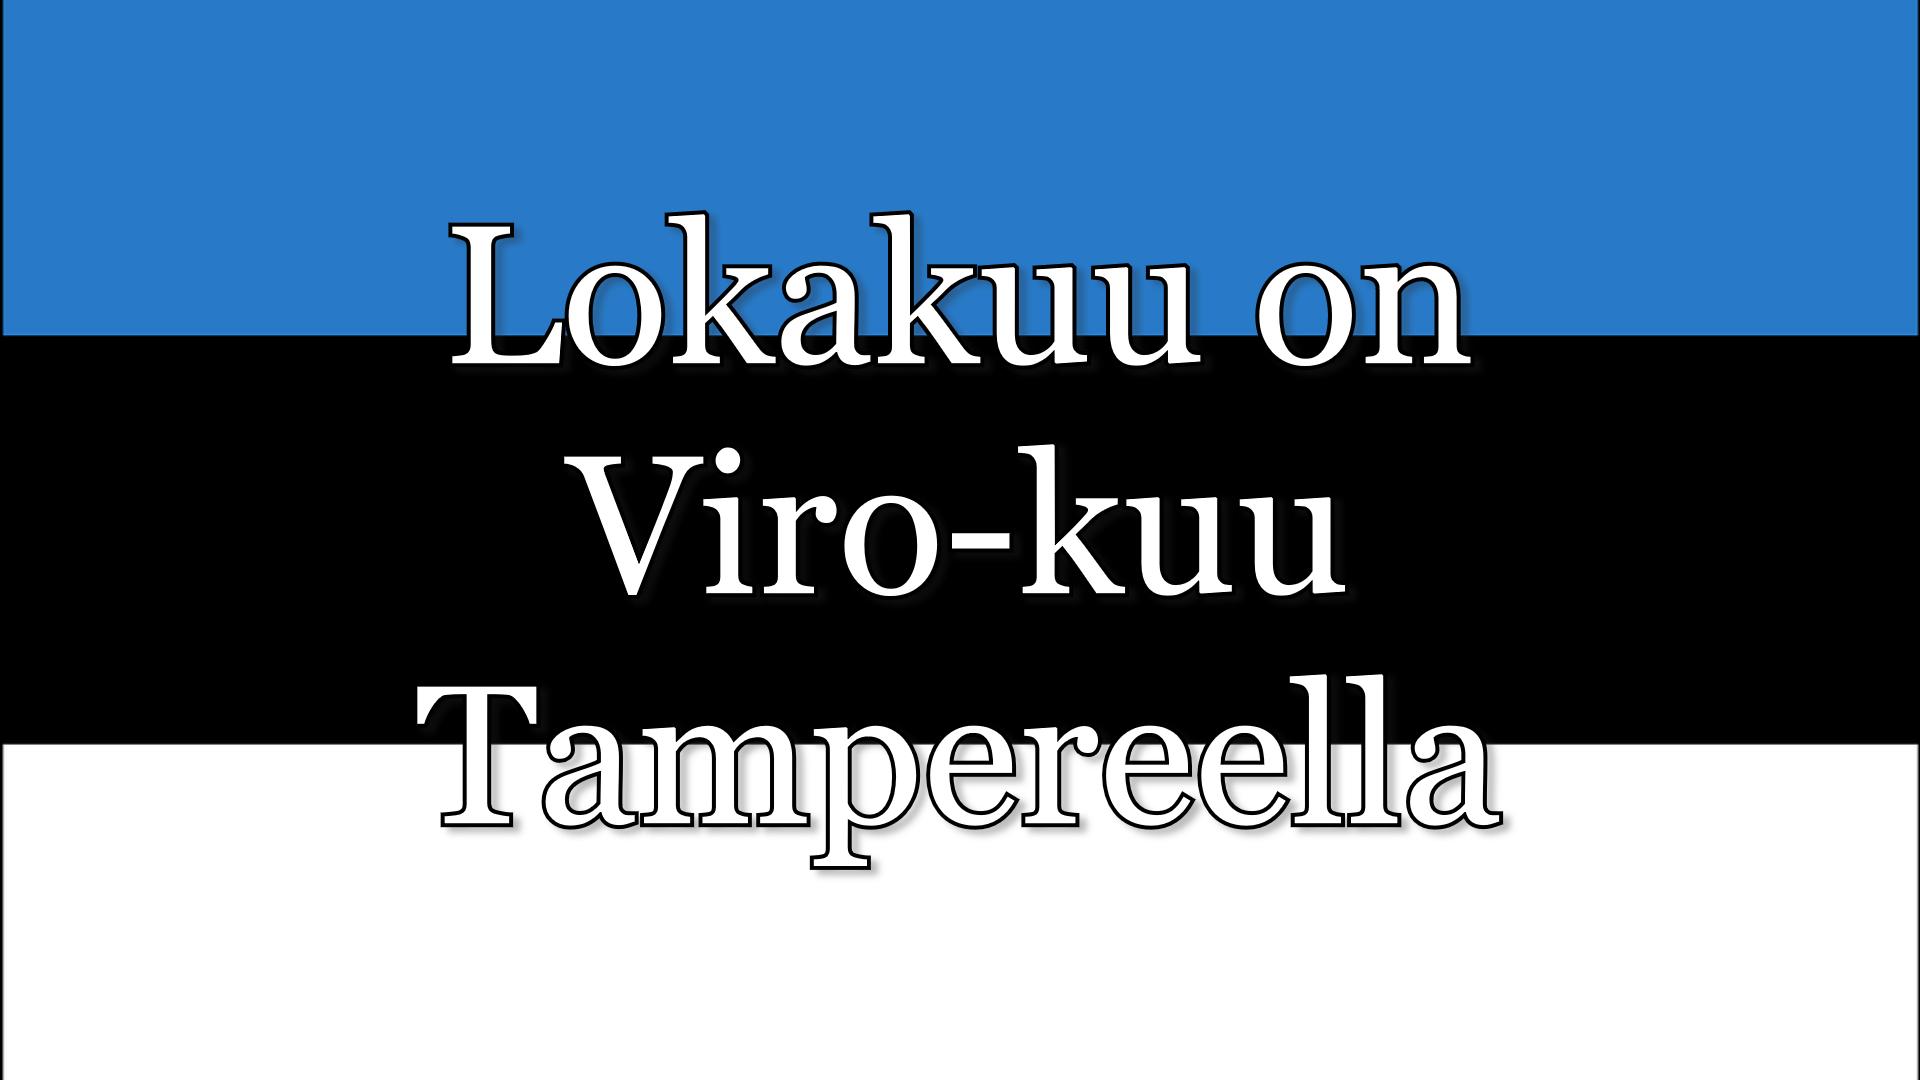 Lokakuu on Viro-kuu Tampereella: Acoustic-kvartetin ja Ilmo Korhosen konsertti Raimond Valgren musiikista.